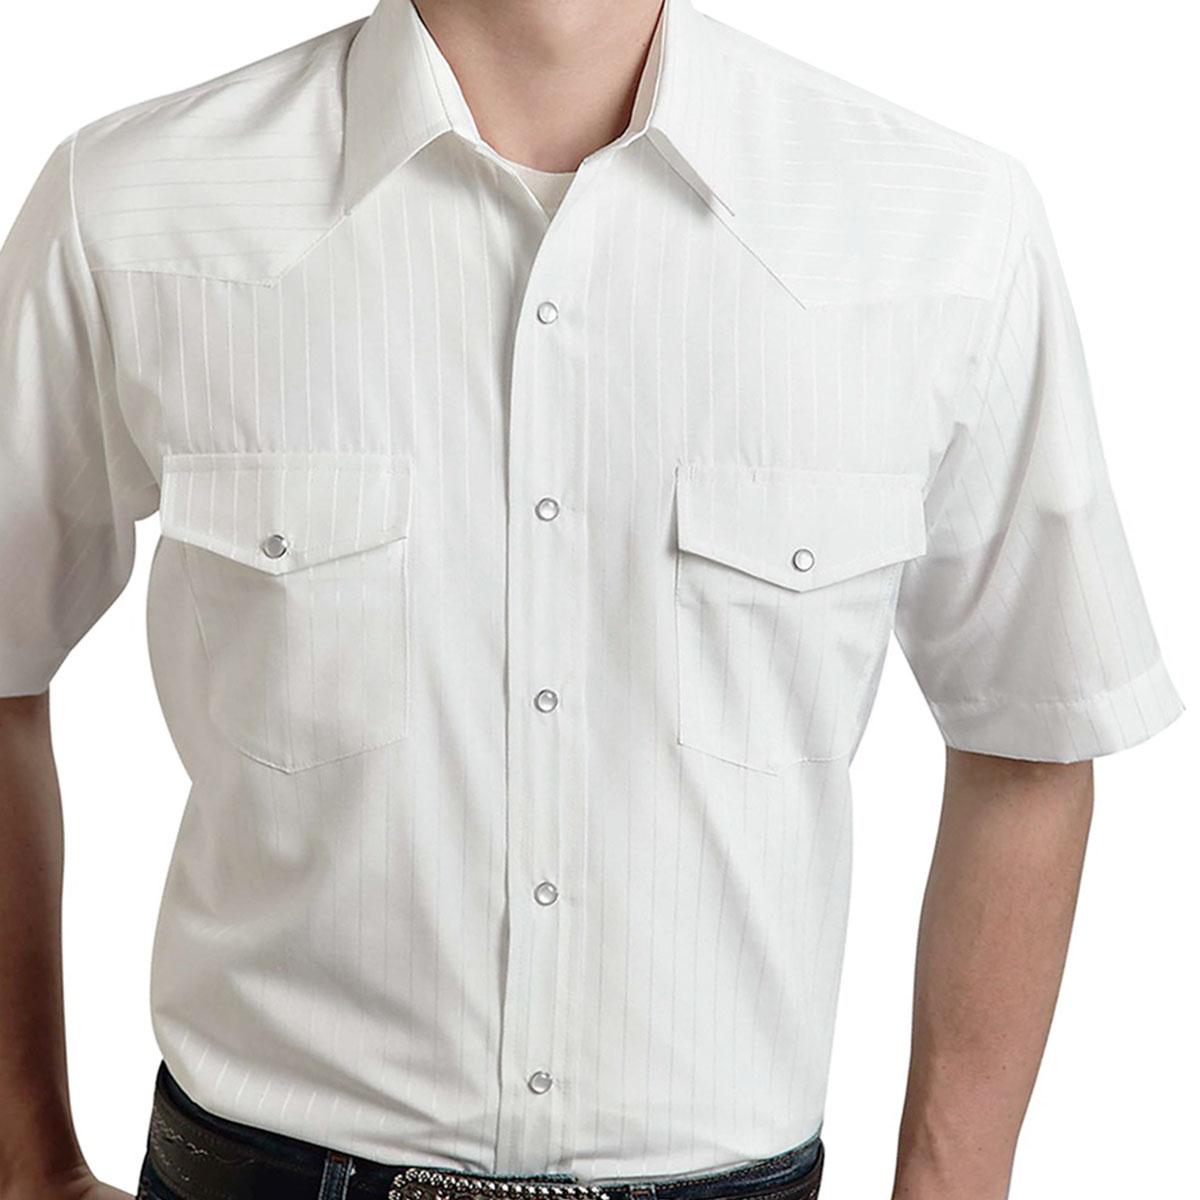 画像1: ローパー ウエスタン シャツ(ホワイト・半袖)/Roper Long Sleeve Western Shirt